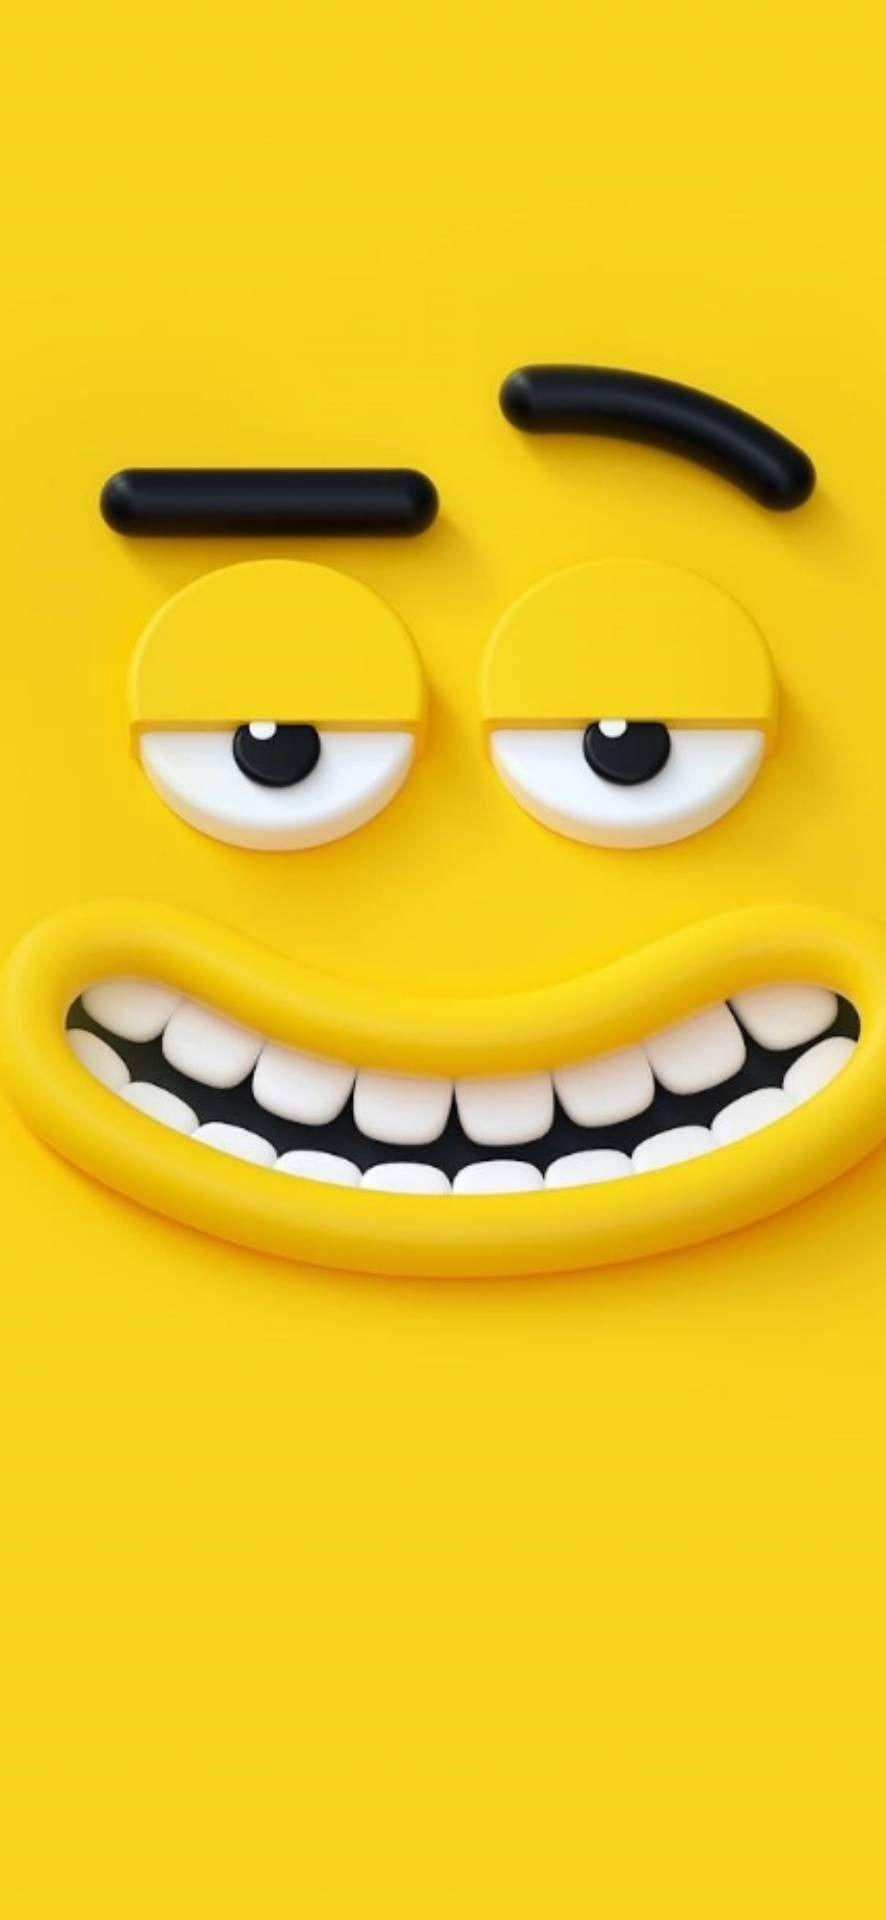 Emoji Wallpapers Emoji Fondosrosados Wallpapers Kertas Dinding Lucu Ilustrasi 3d Kuning